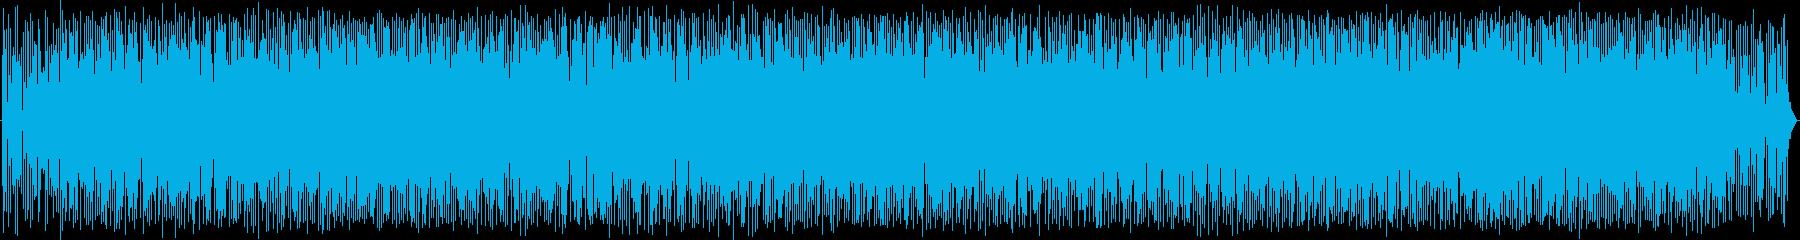 希少な背景の再生済みの波形